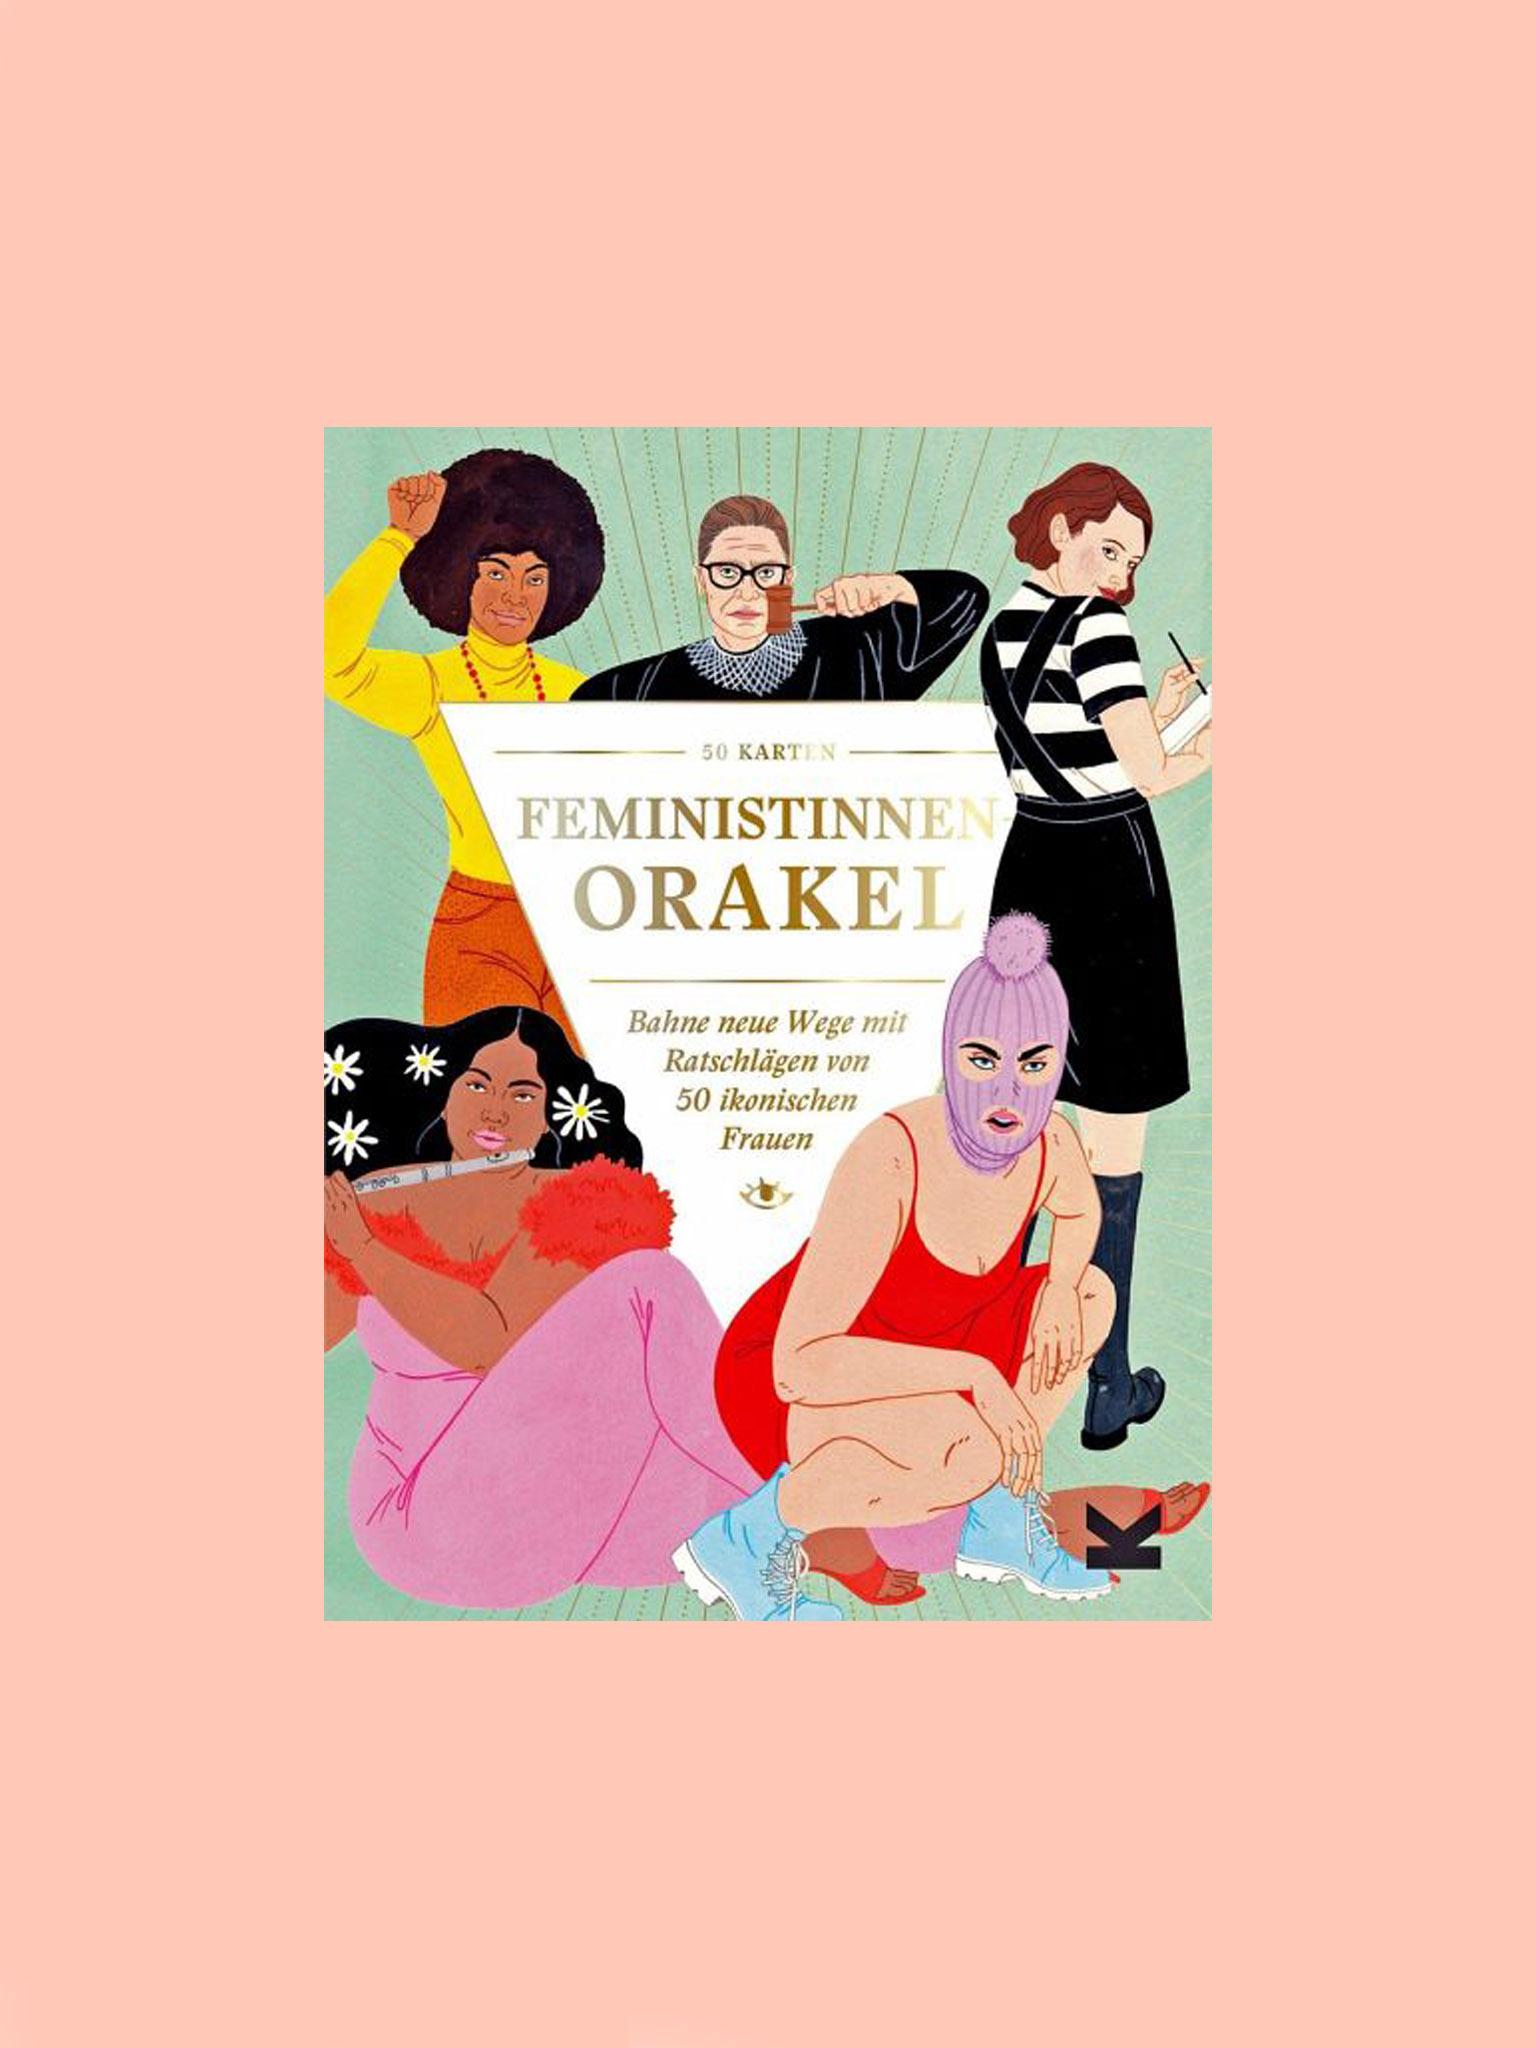 Laurence King Feministinnen Orakel